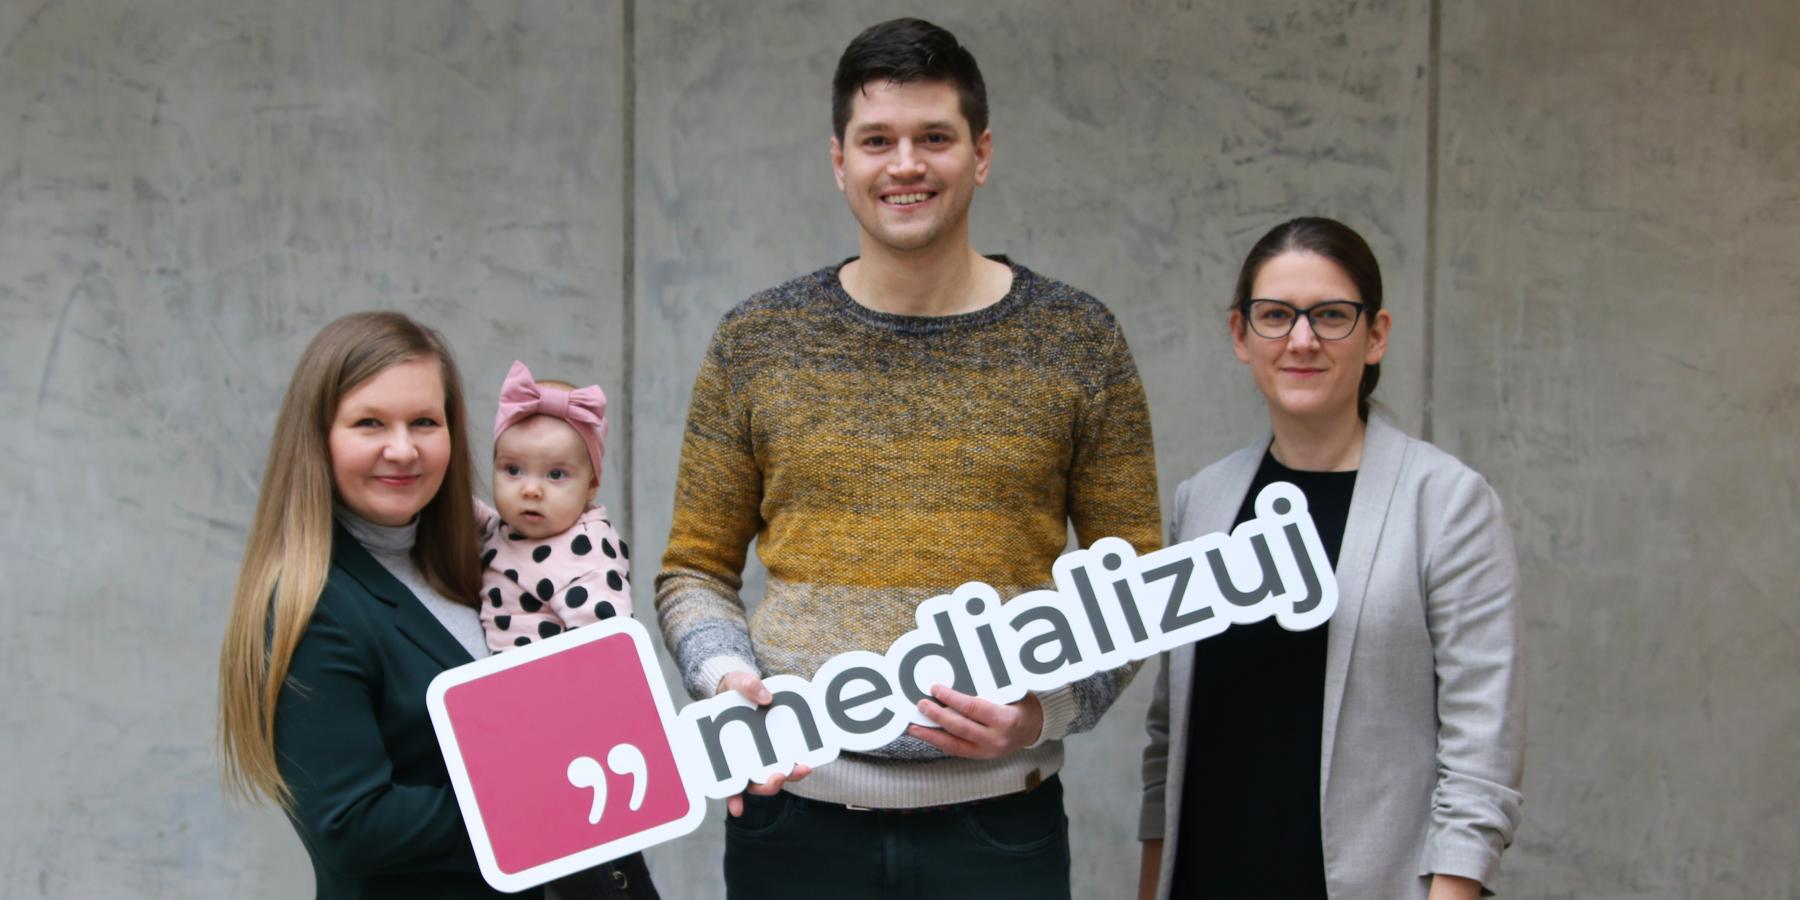 Publito.pl narzędzie dopersonal brandingu. Zbuduj markę osobistą kontaktując się zmediami